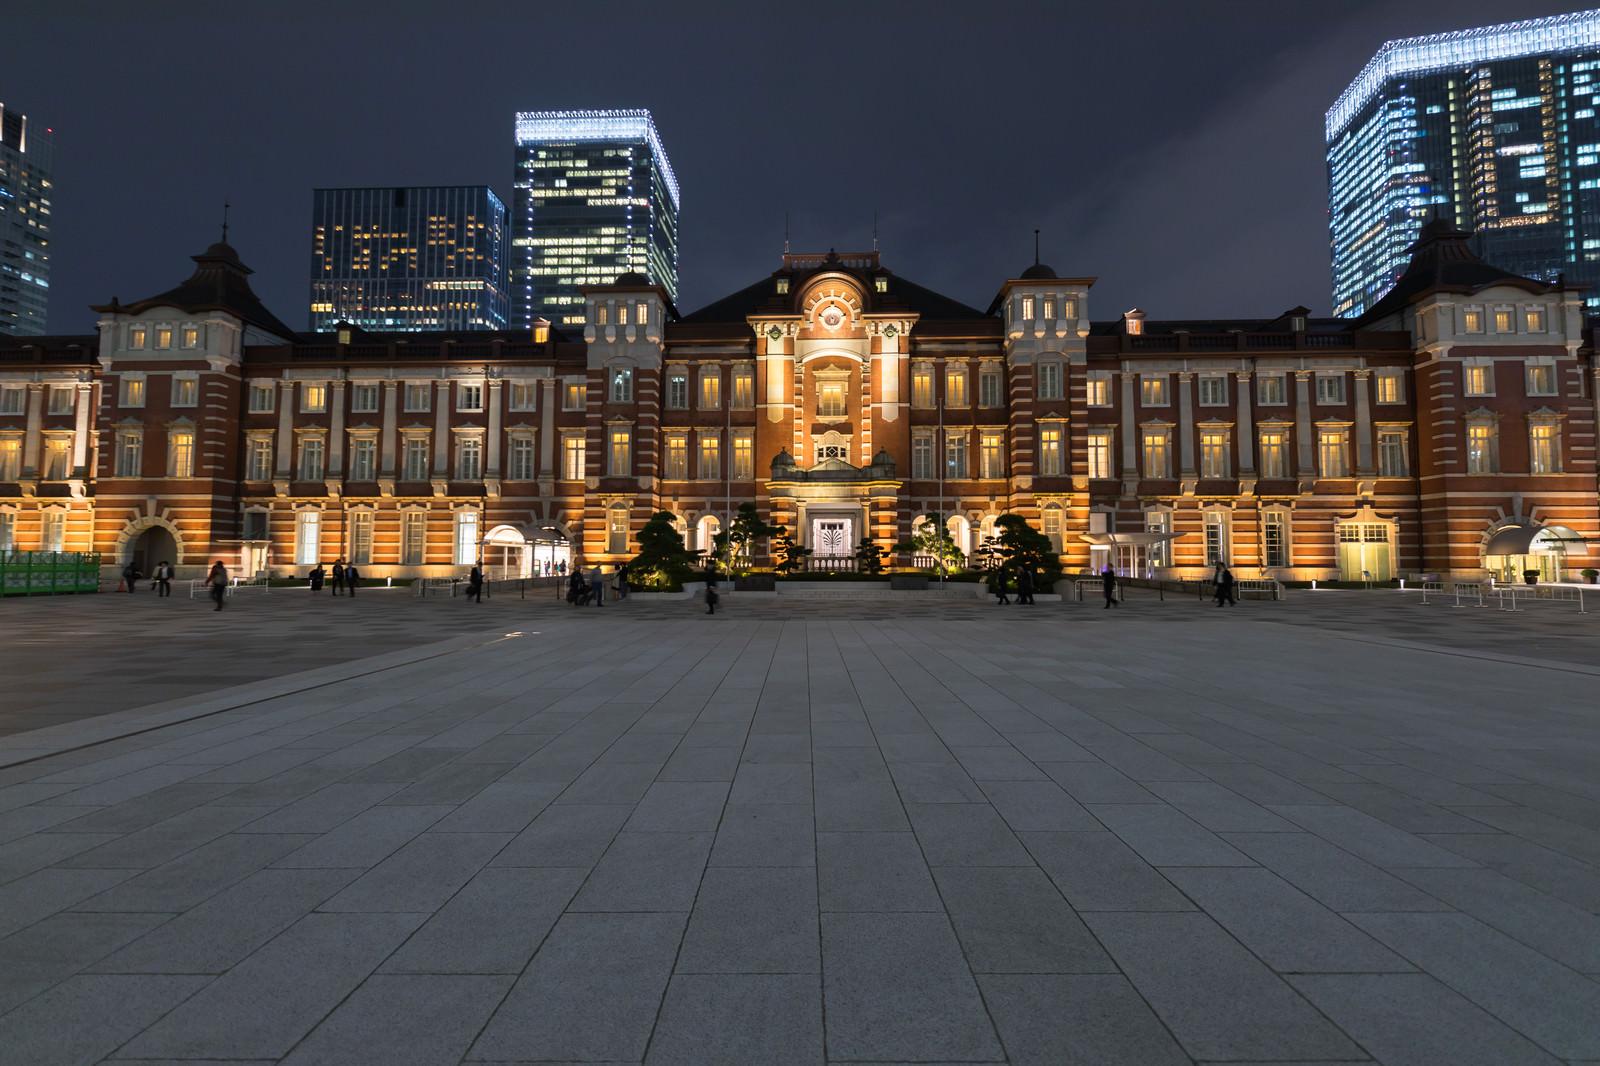 「東京駅の夜景東京駅の夜景」のフリー写真素材を拡大